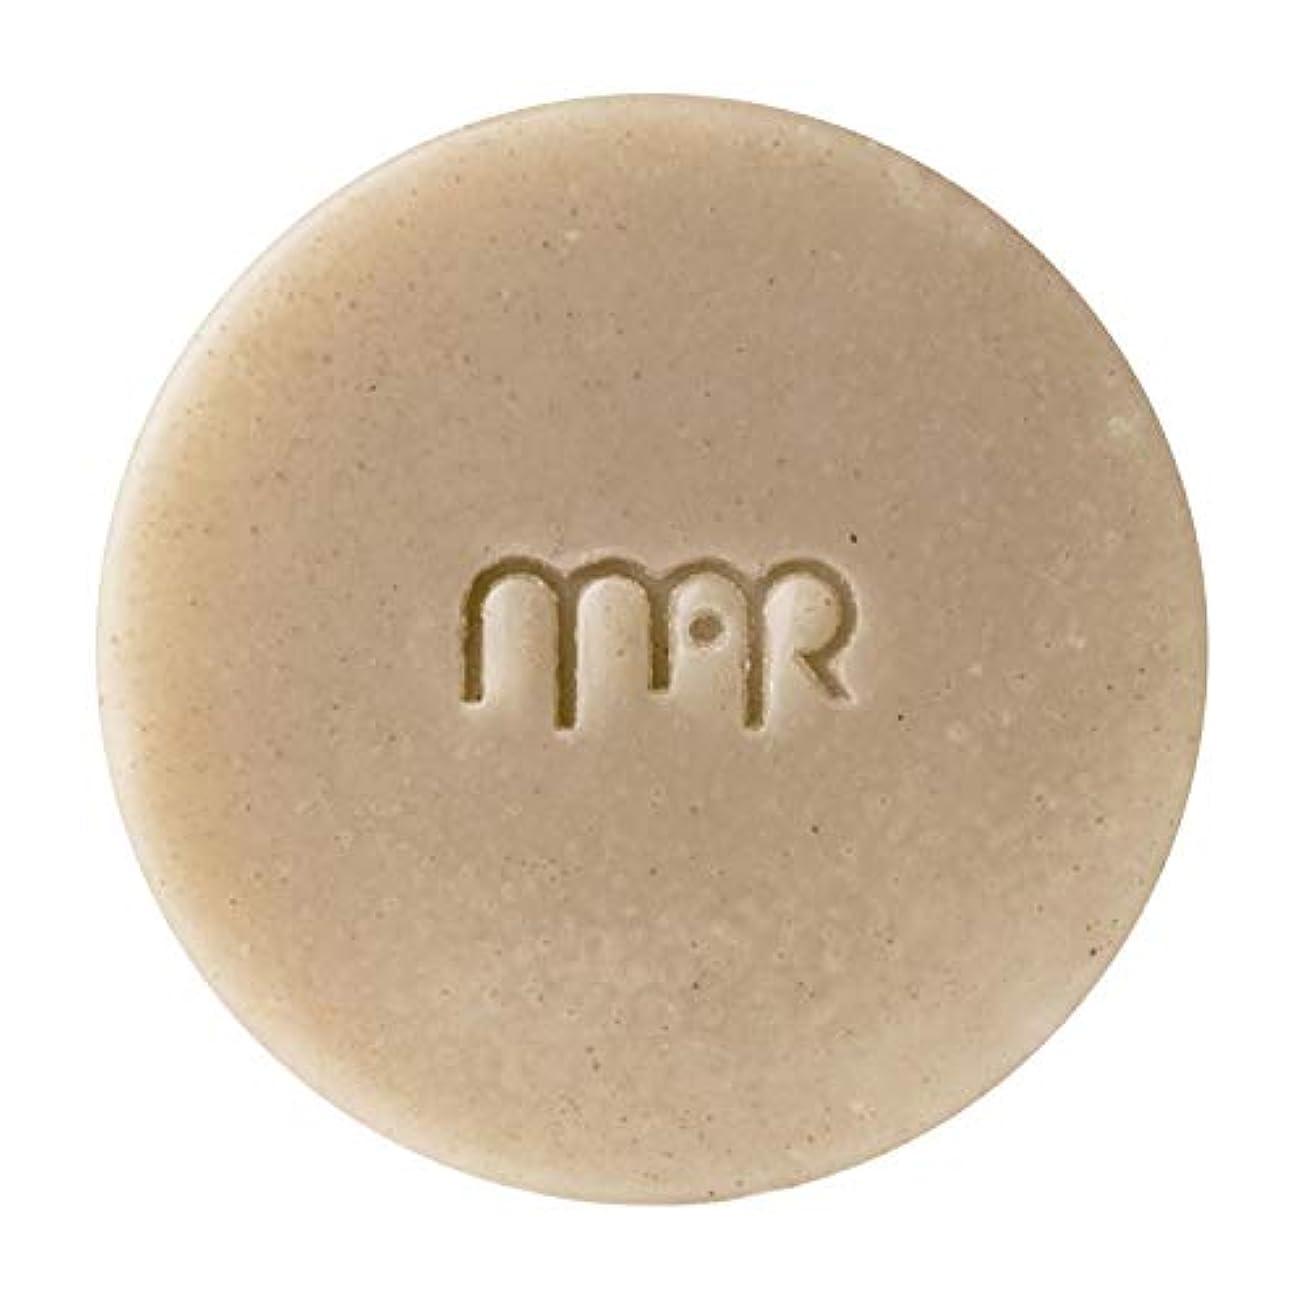 肯定的支給科学マールアペラル (MARapelar) オーガニッククレイ石鹸(大) 80g / 約30日分